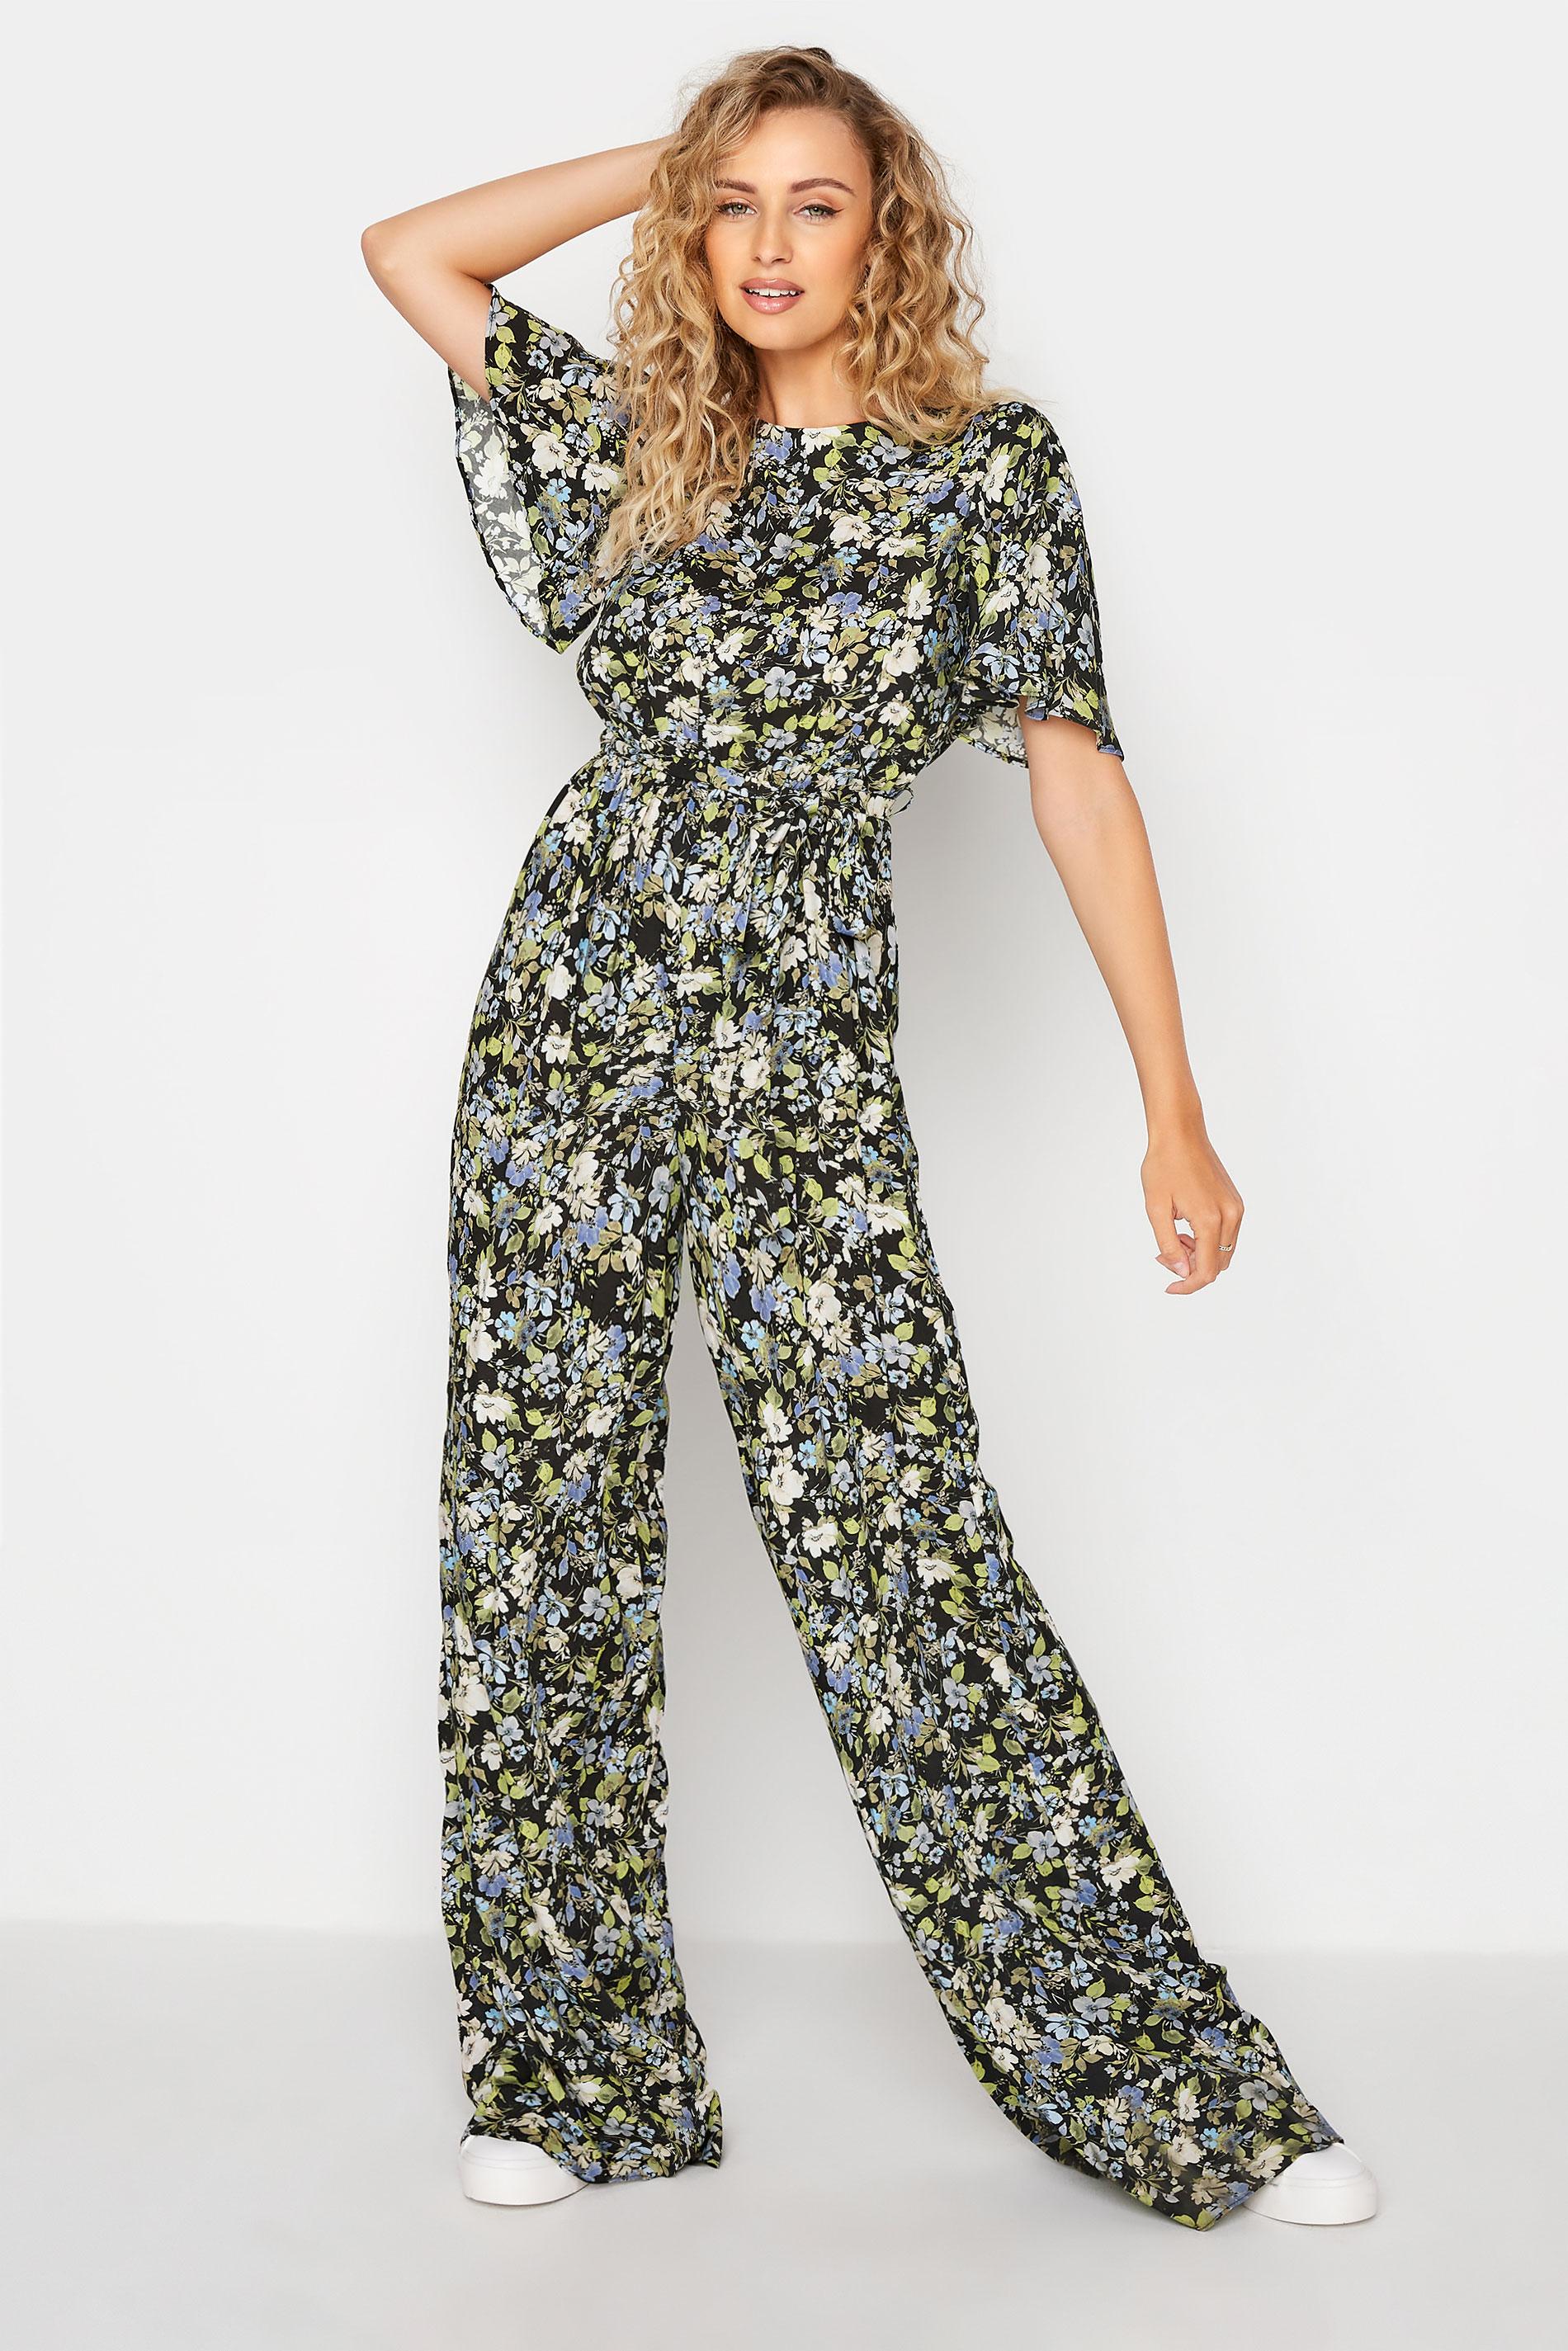 LTS Black Floral Print Wide Leg Jumpsuit_A.jpg